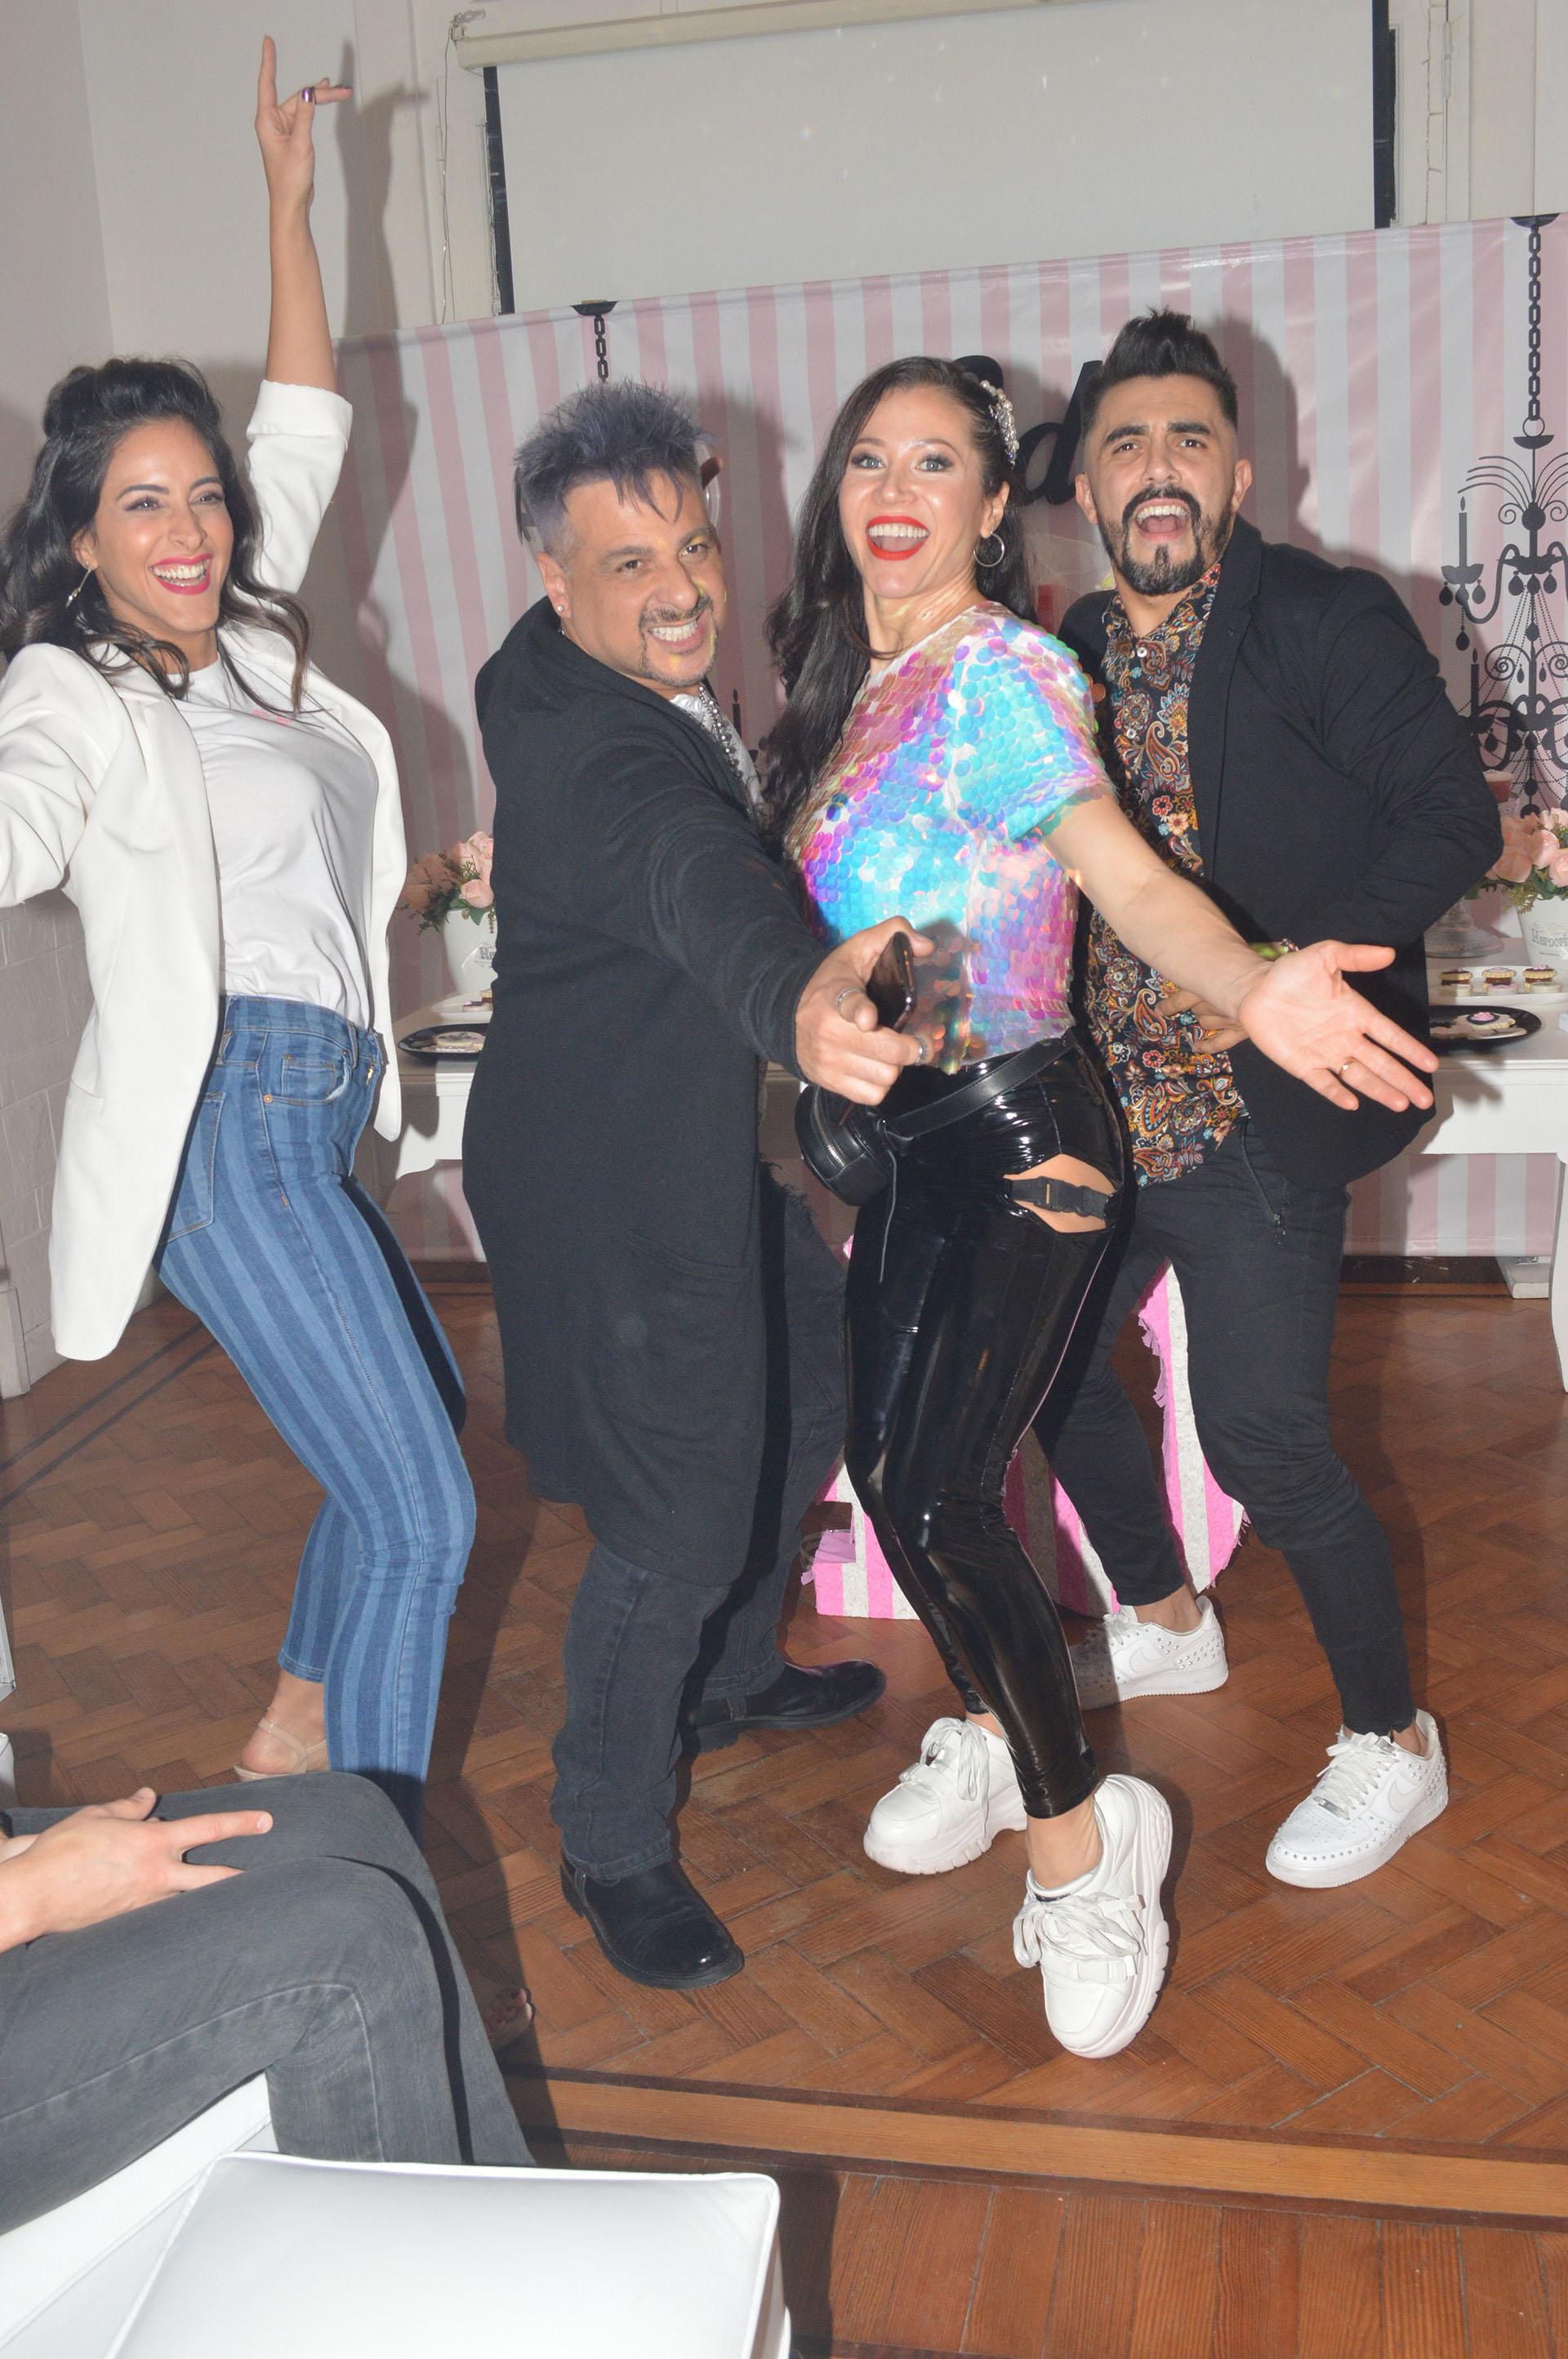 La actriz, a puro baile y diversión junto a Iripino, Celeste Muriega y Fernando Bertona